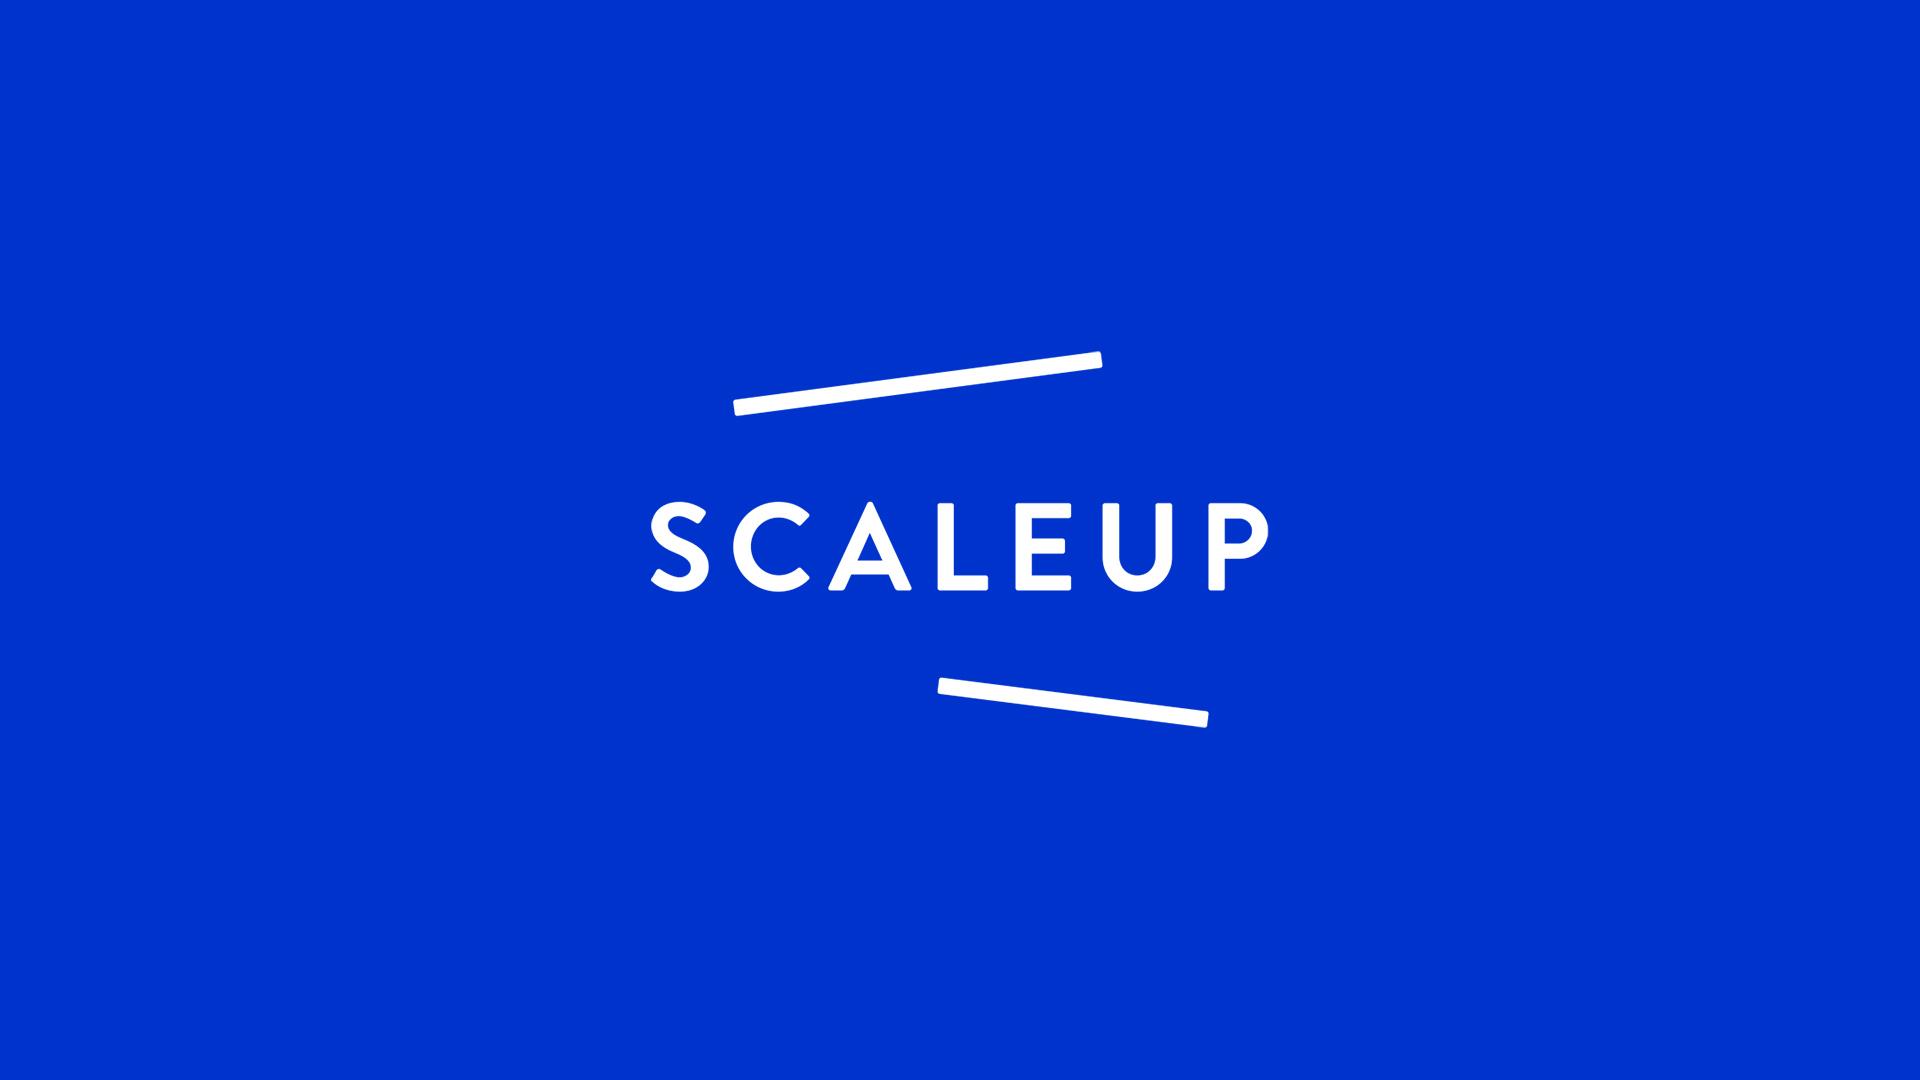 Første runde av ProtoMore ScaleUP programmet nærmer seg slutten